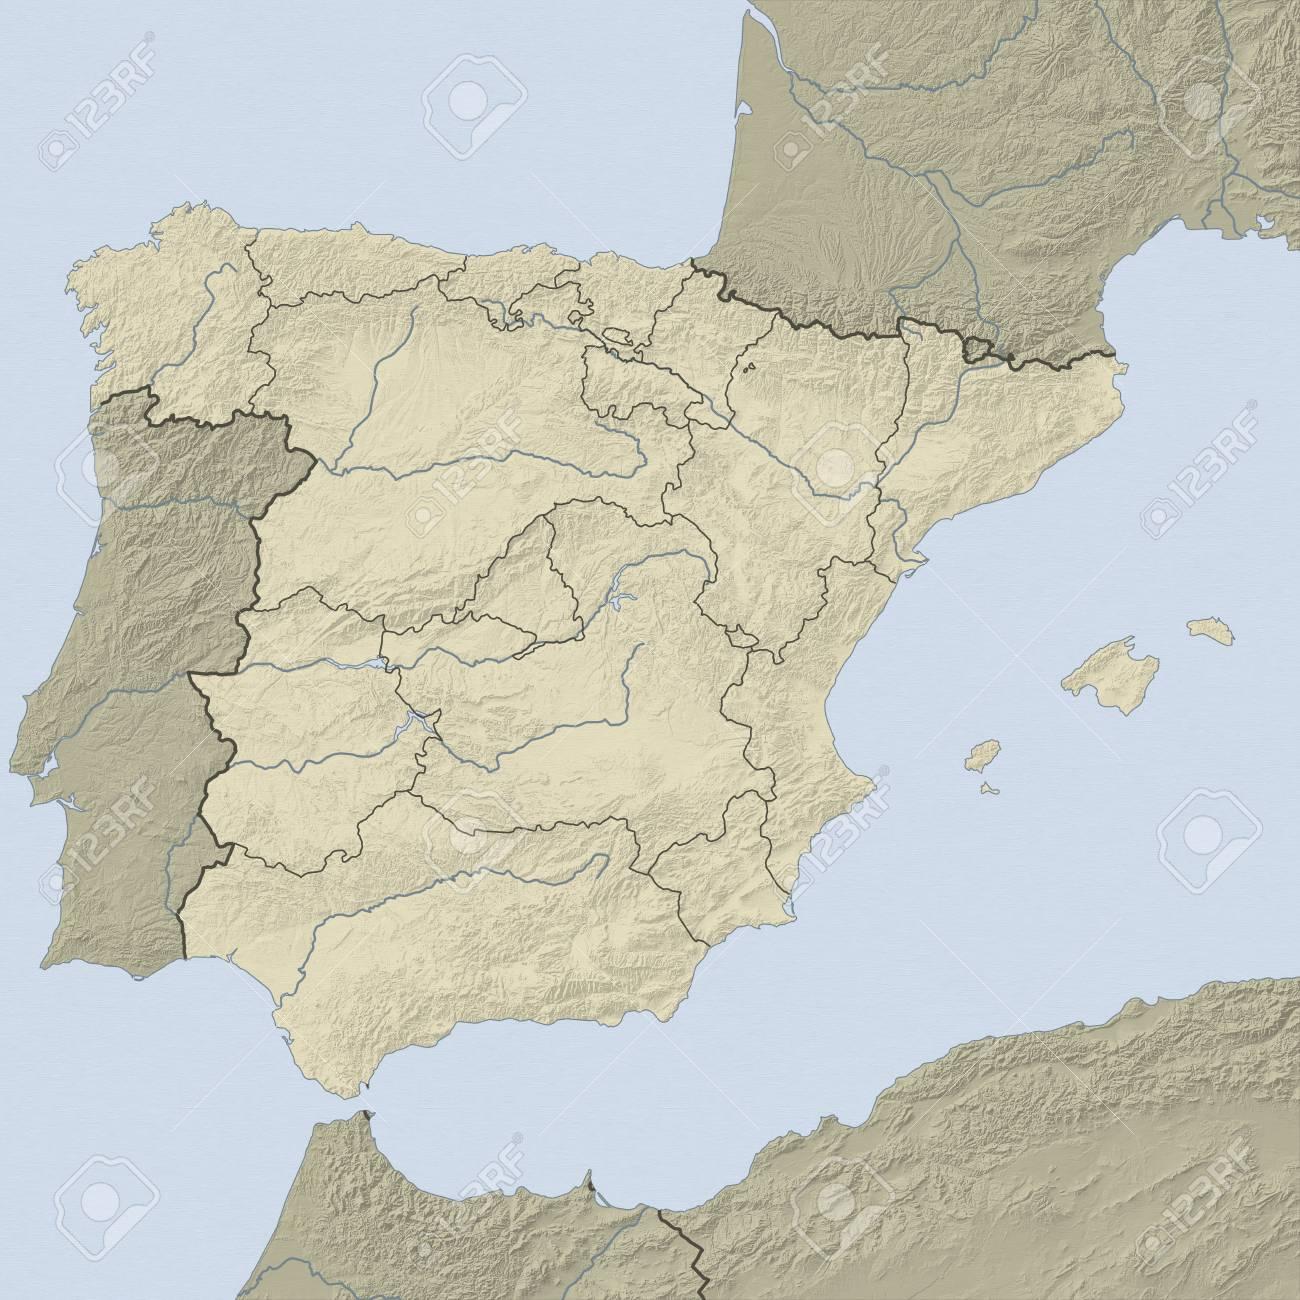 Mapa Relieve De España.Mapa En Relieve De Espana Y Paises Nearbz